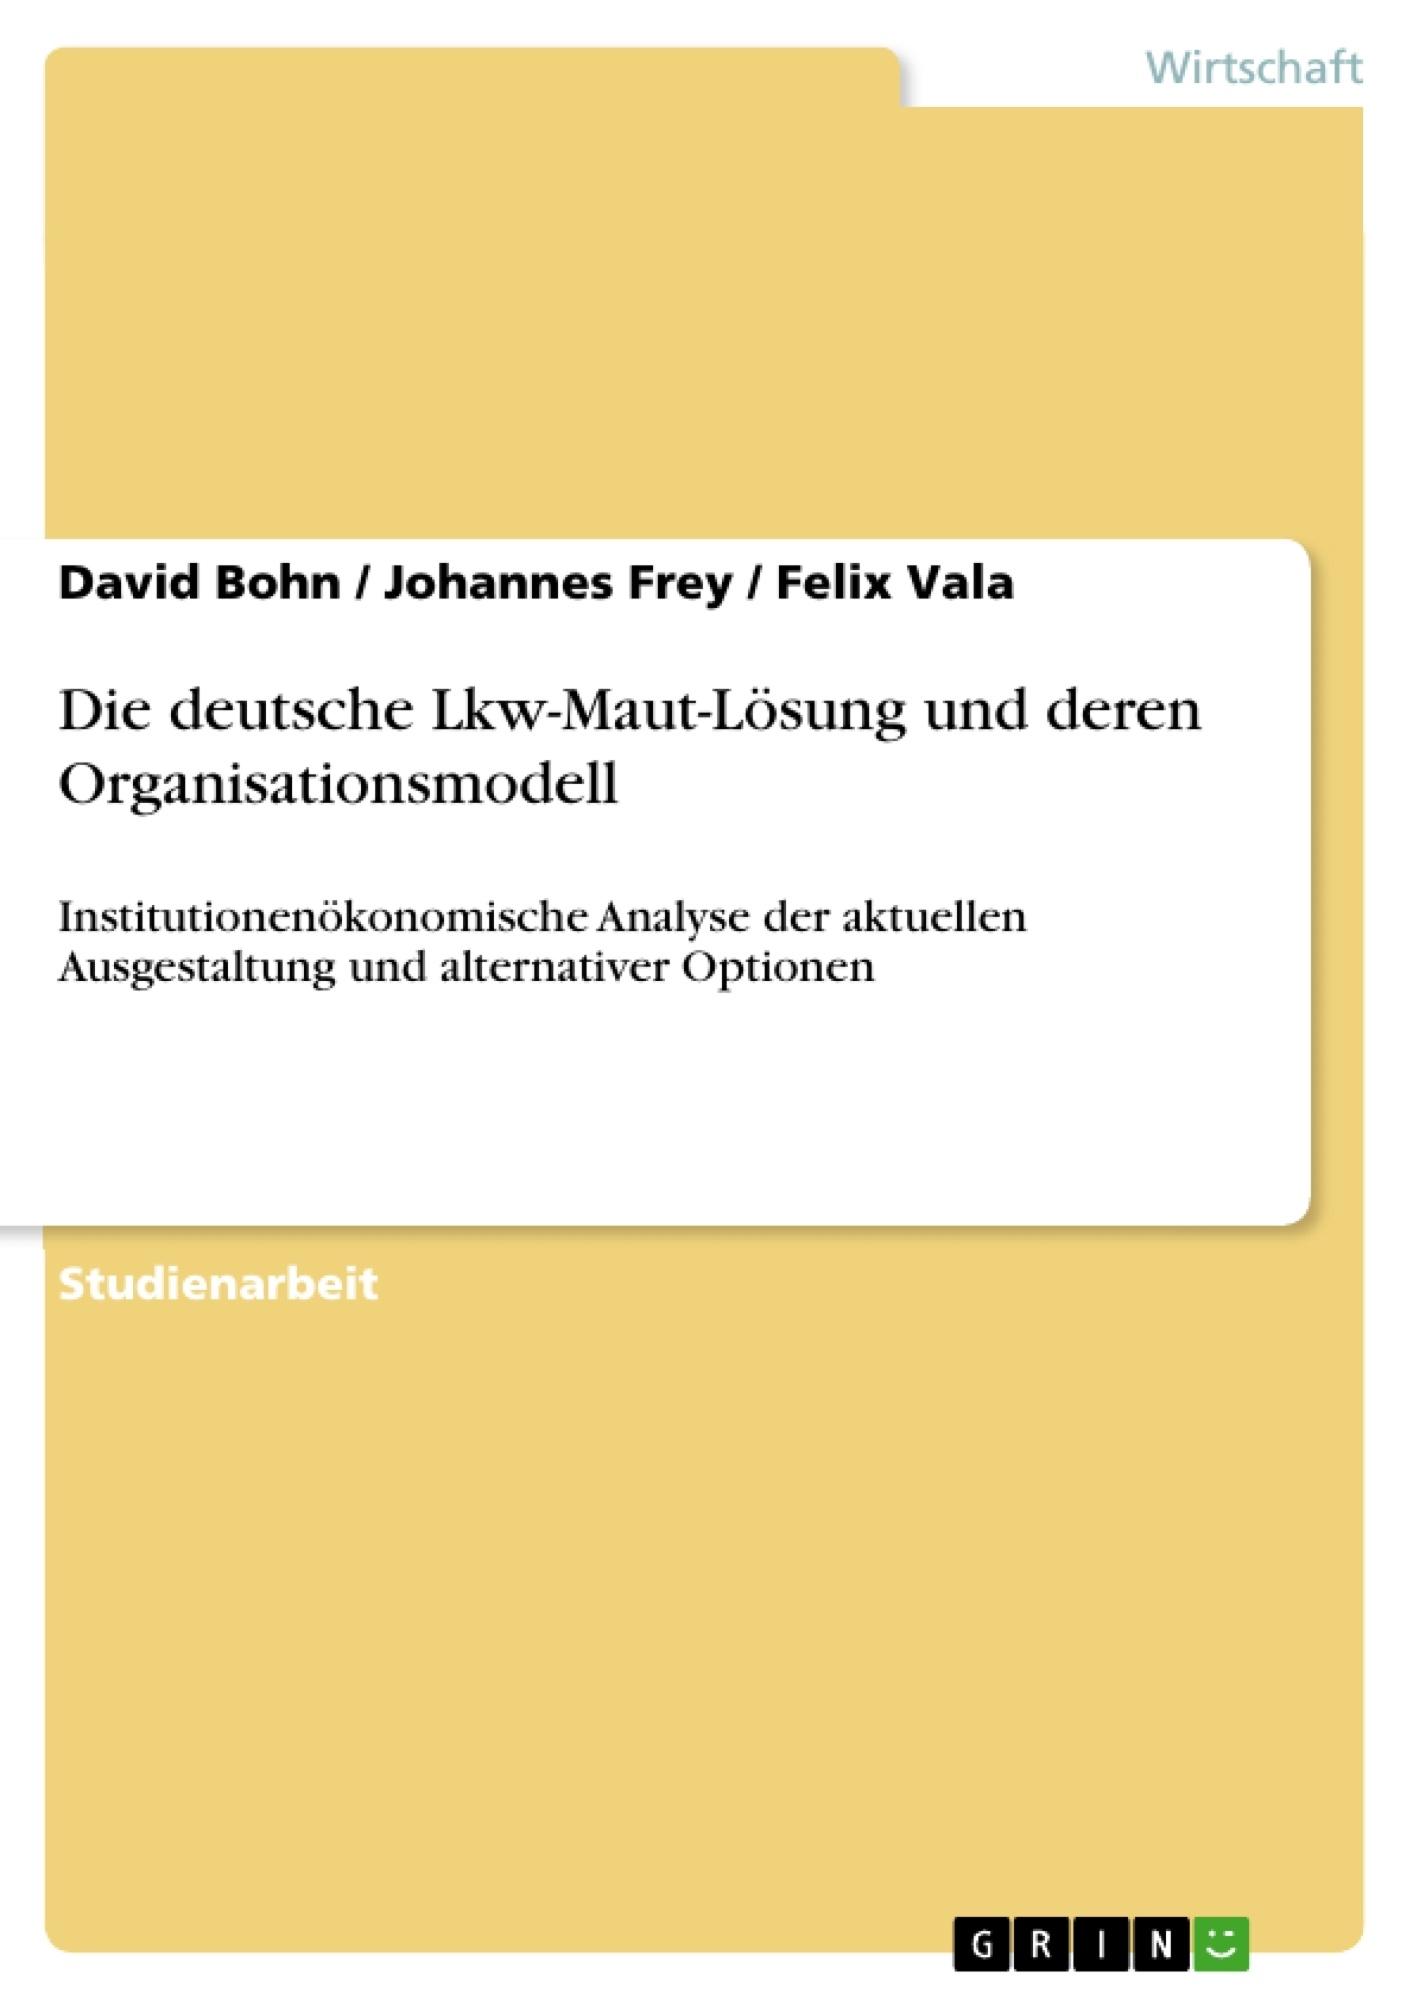 Titel: Die deutsche Lkw-Maut-Lösung und deren Organisationsmodell